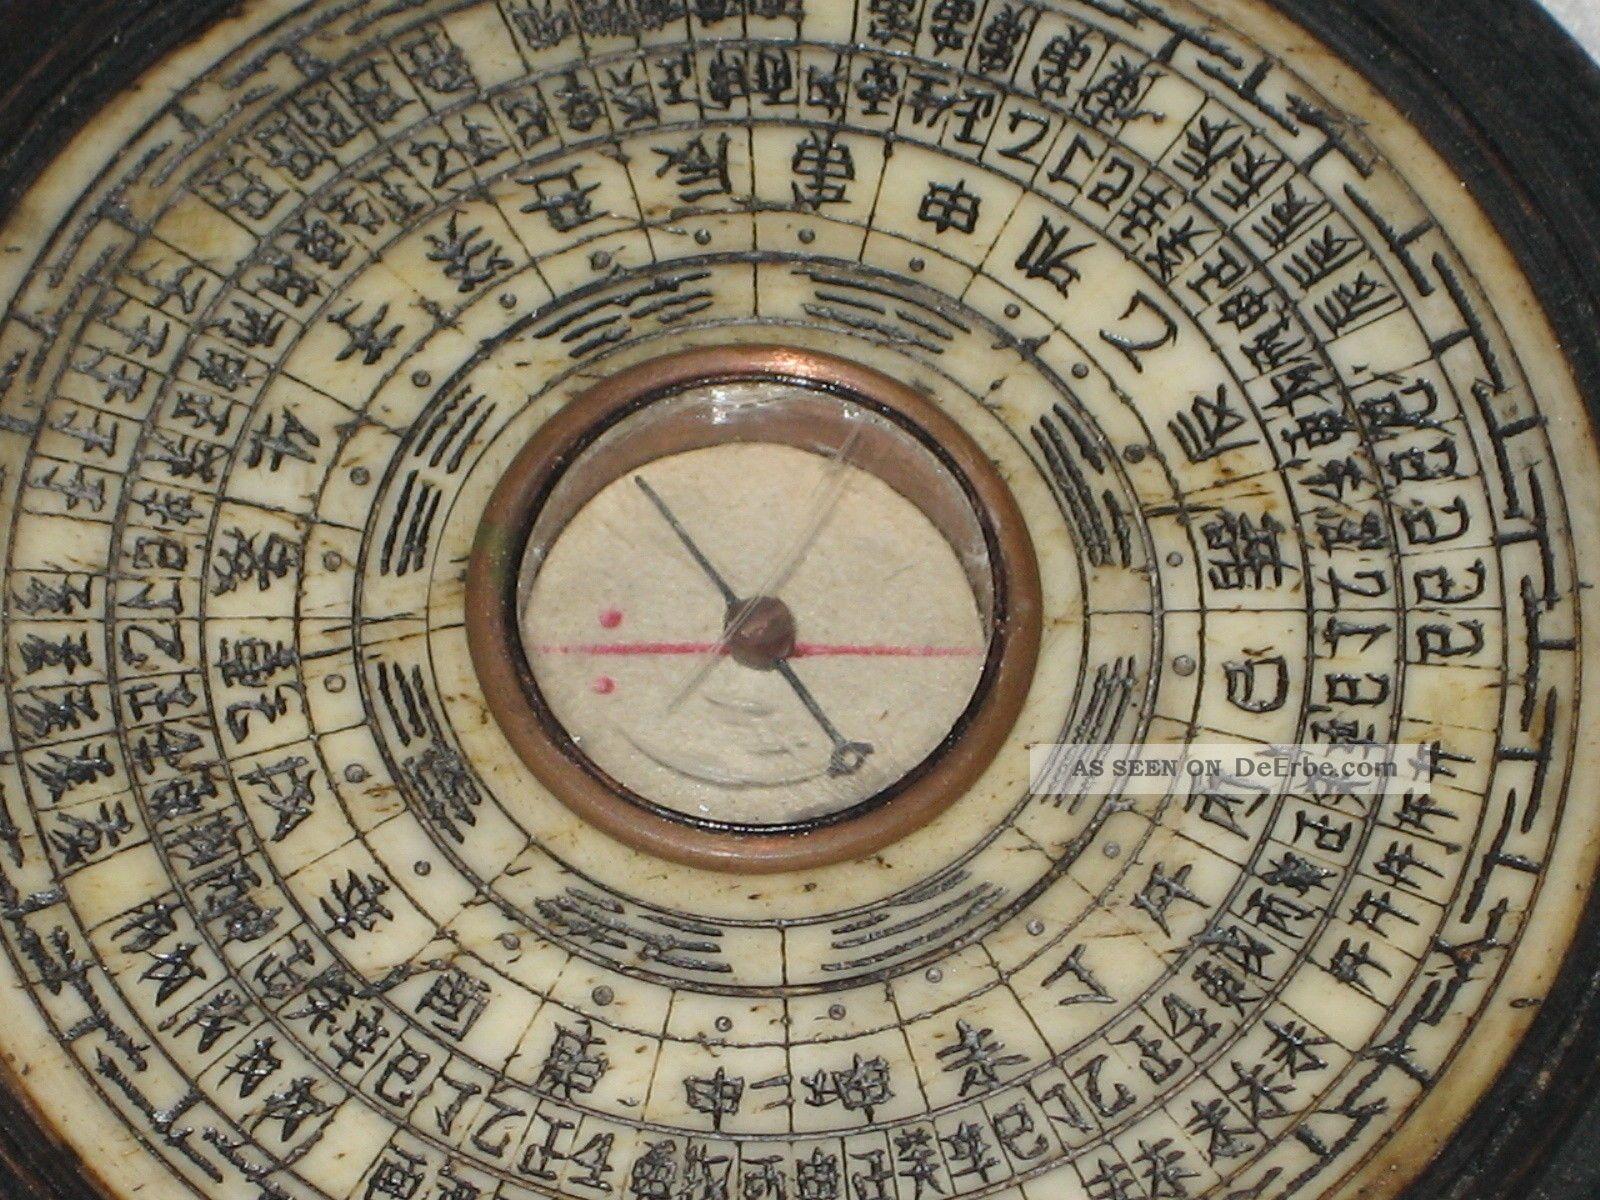 antiker feng shui kompass mit einlegearbeiten auf bein hartholzbox japan asien. Black Bedroom Furniture Sets. Home Design Ideas